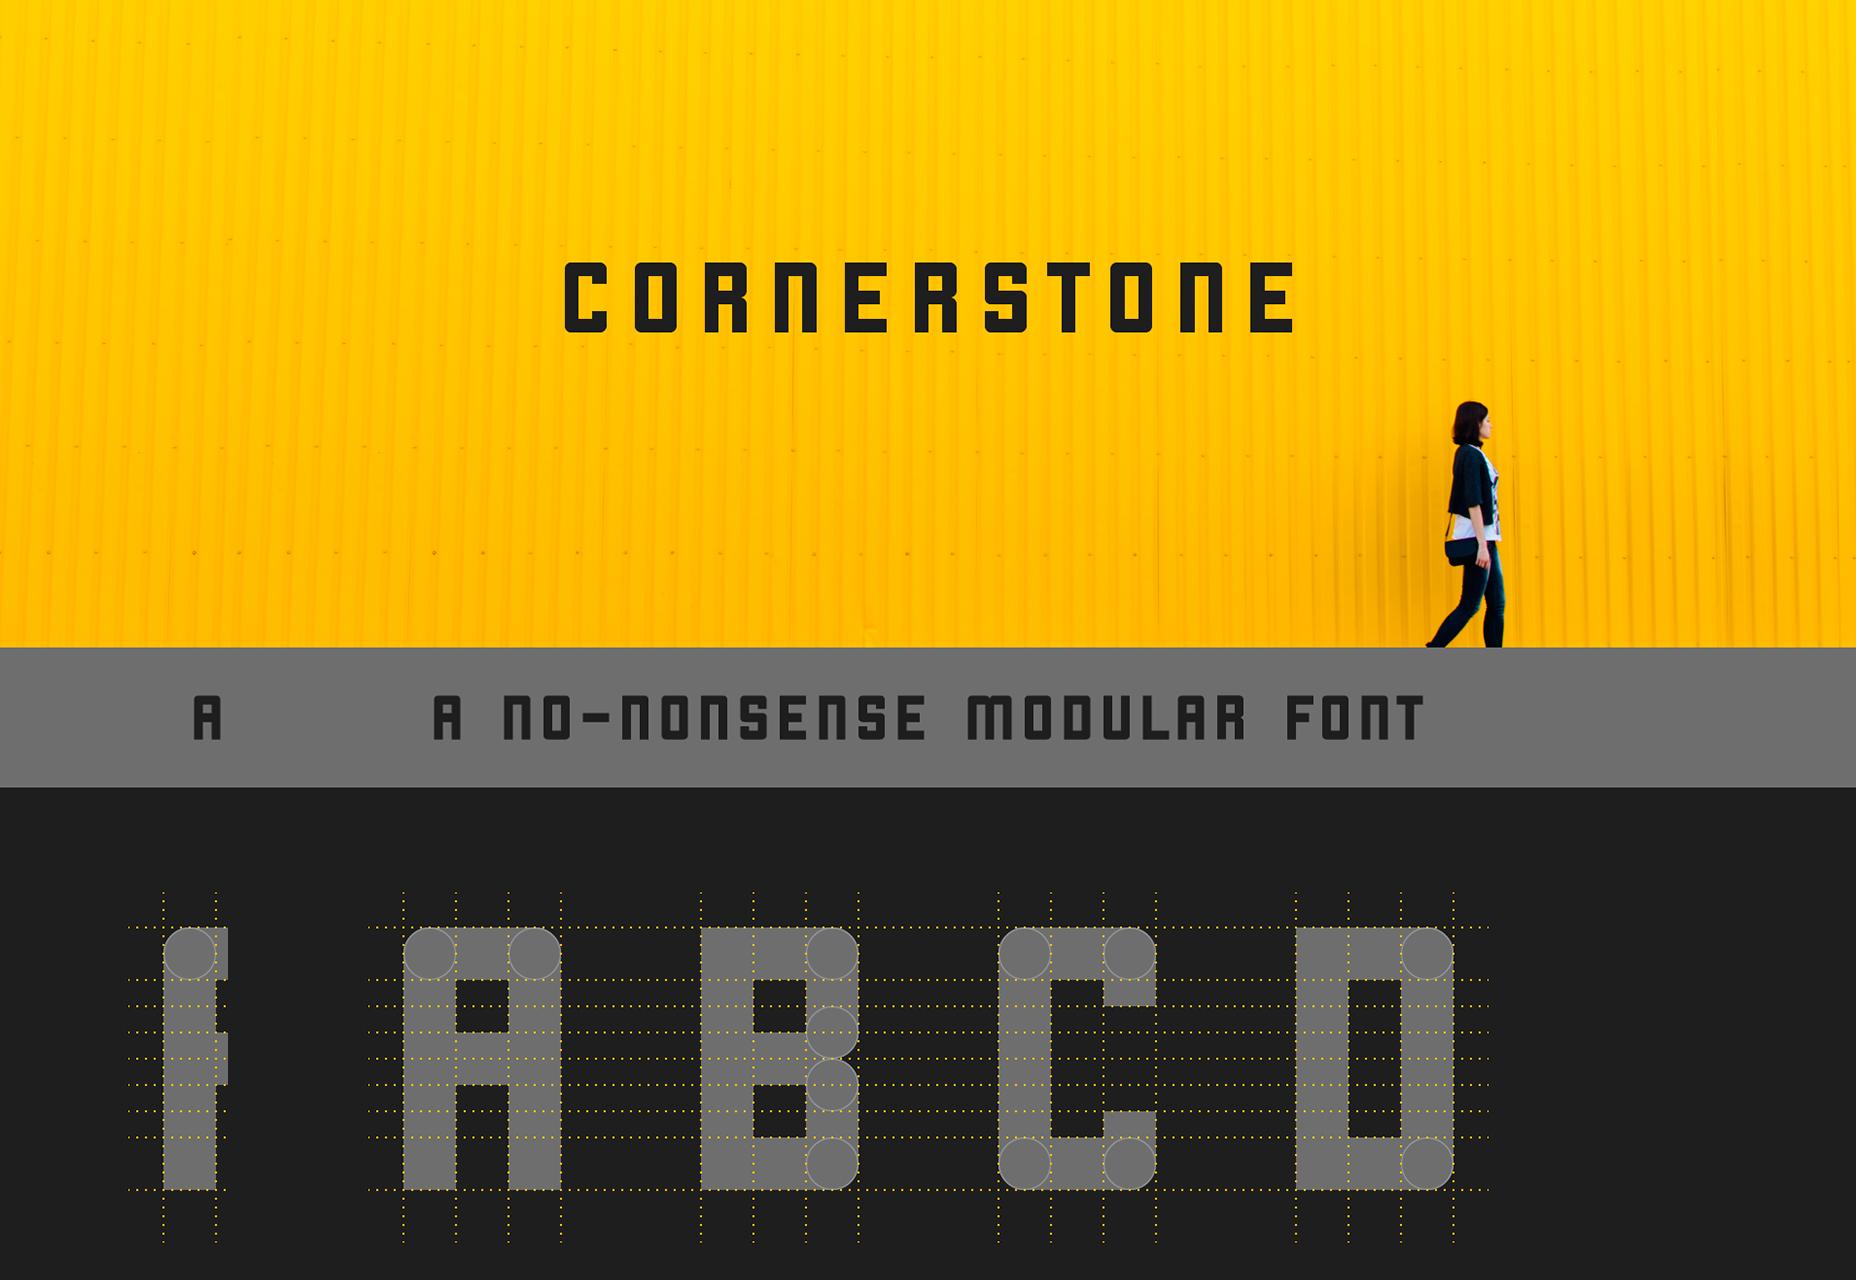 Cornerstone: A Circle Corner Sans Font